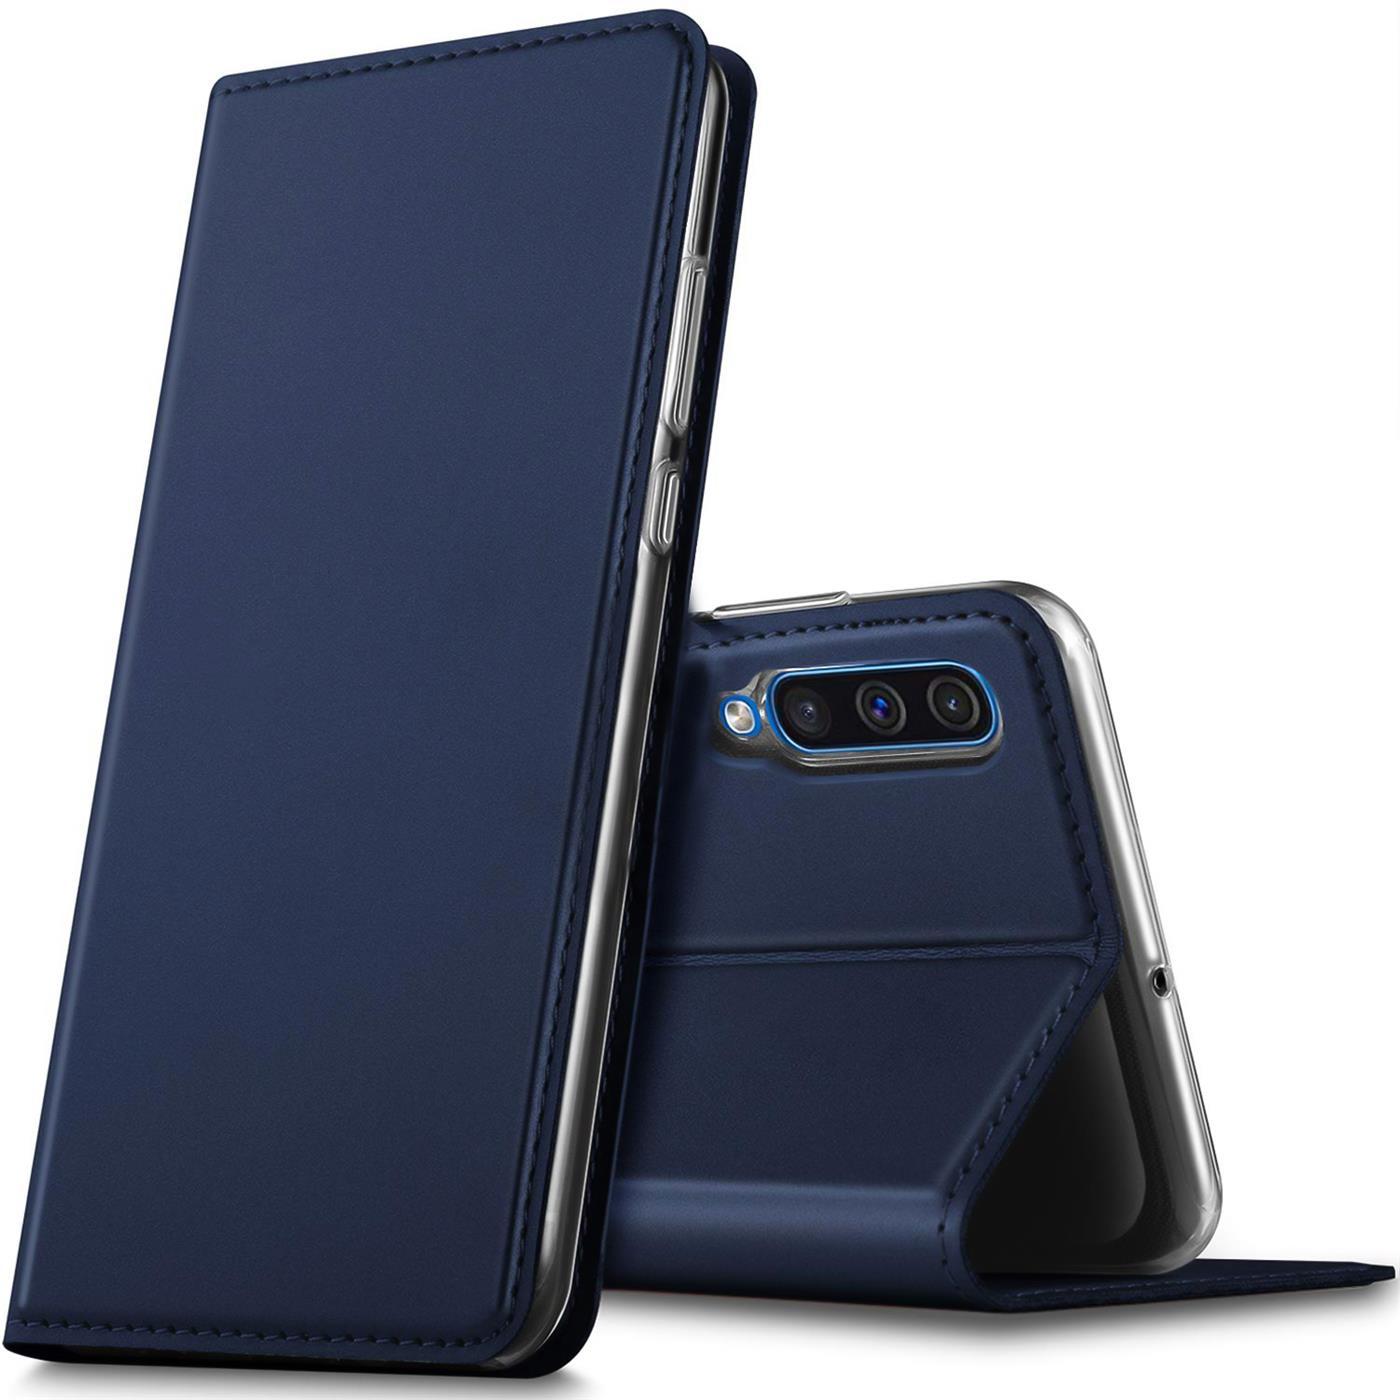 Samsung-Galaxy-A50-Handy-Klapp-Schutz-Huelle-Tasche-Flip-Case-Etui-Schutzhuelle Indexbild 12